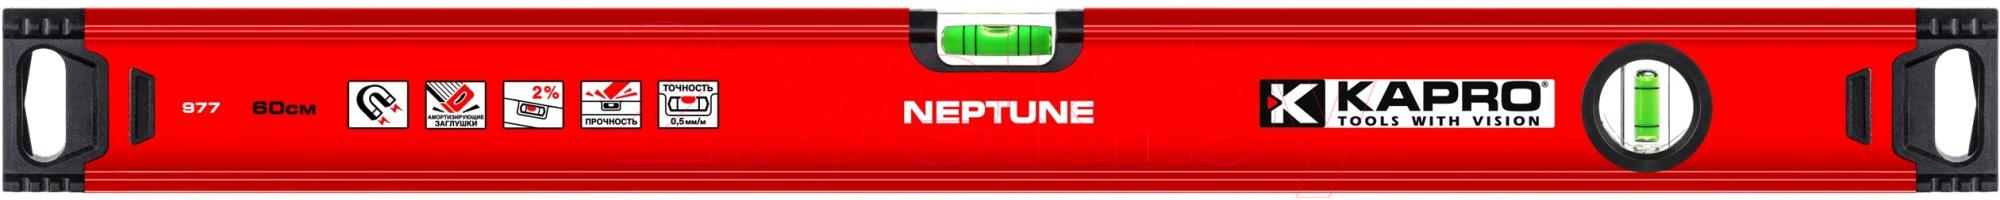 Купить Уровень строительный Kapro, Neptune 977-40-150М, Израиль